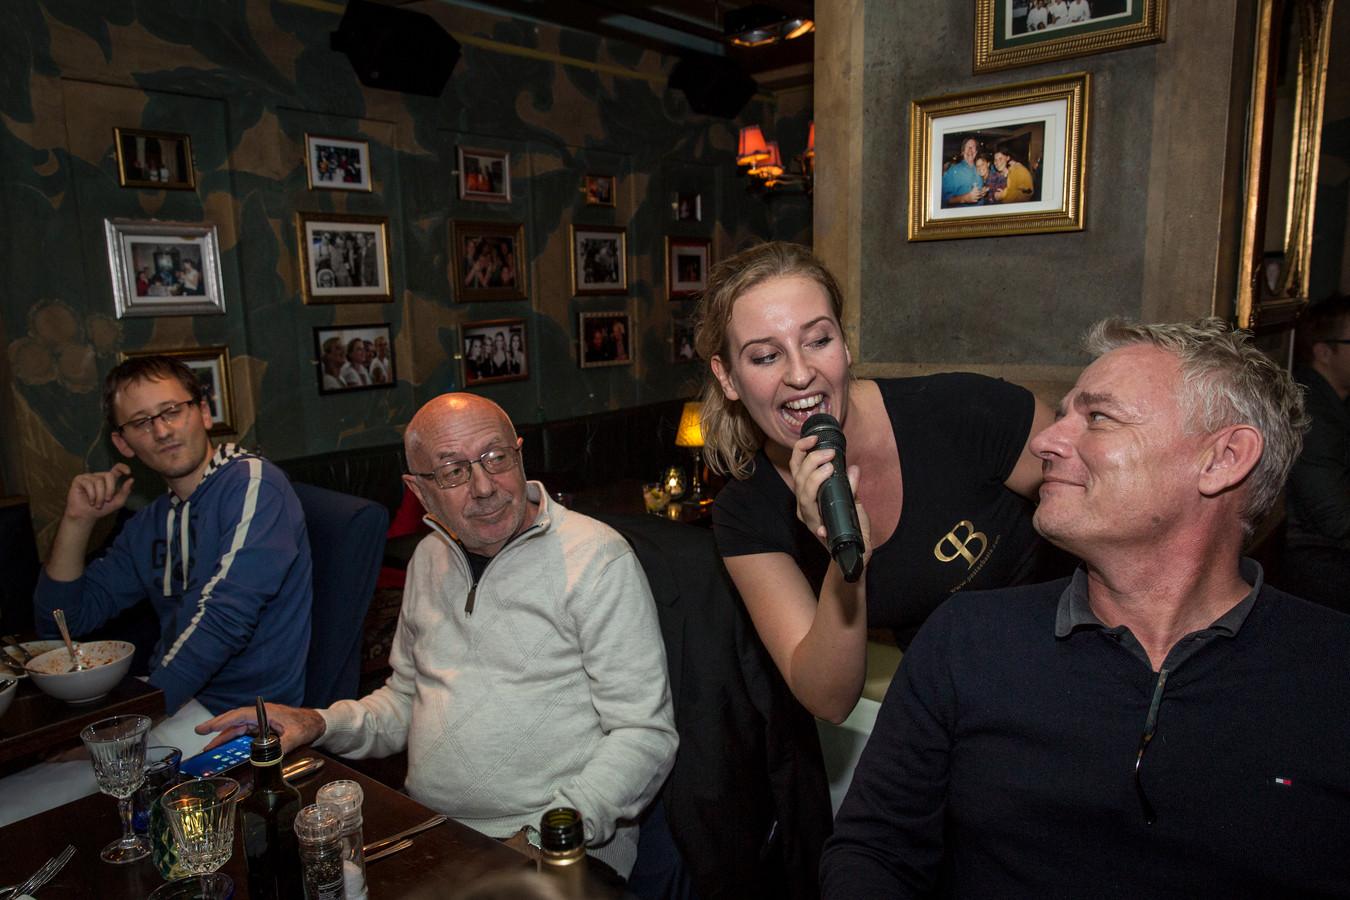 Medewerkers van restaurant Pasta e Basta in Amsterdam serveren zaterdag zingend hun eten tijdens Brandefood in Helmond.